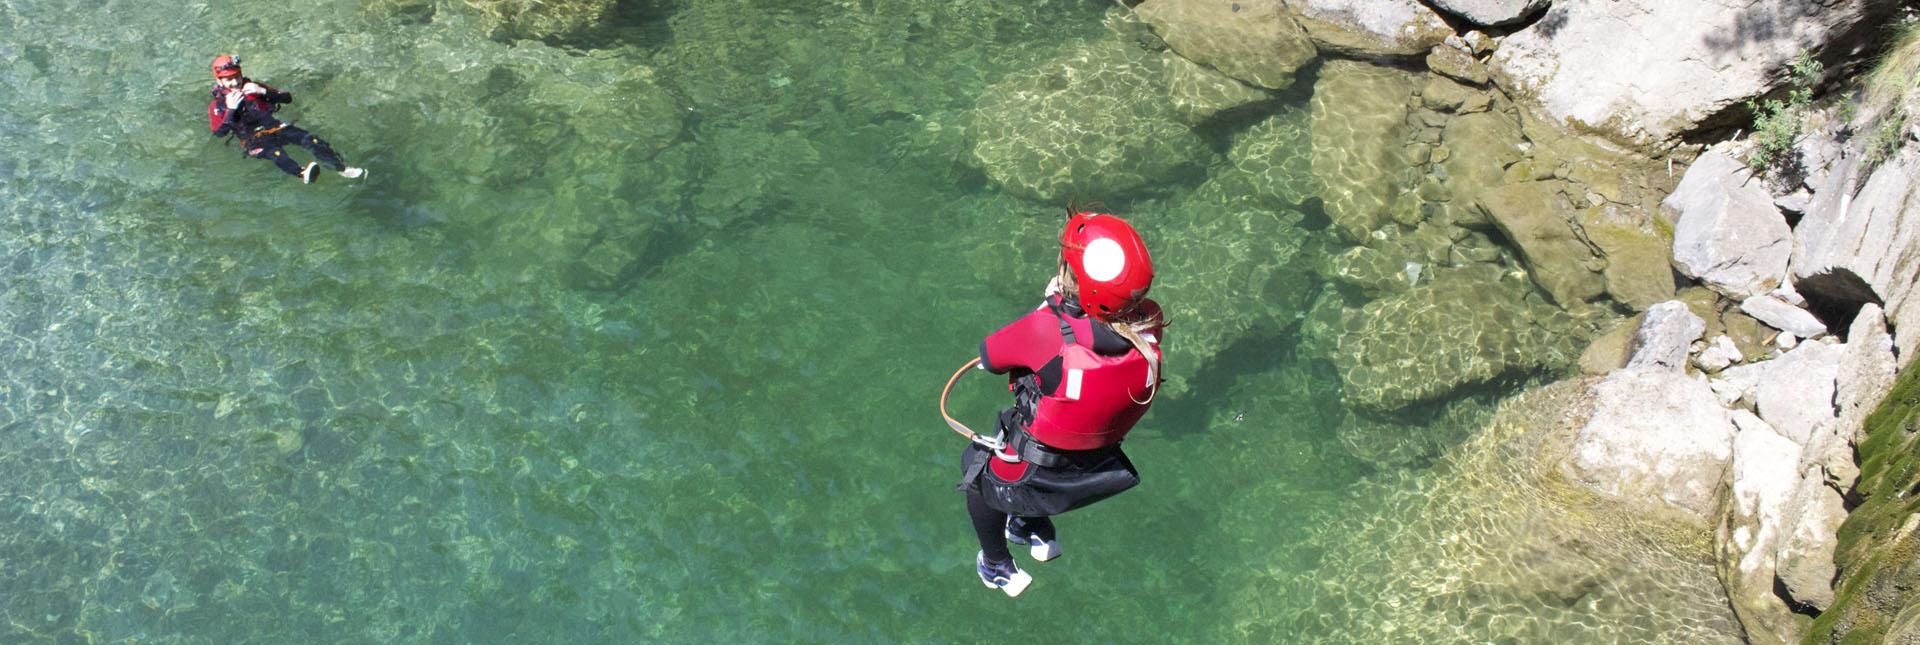 canyoning-trentino-sport-dolomiti-lago-di-ledro-lago-di-garda-4